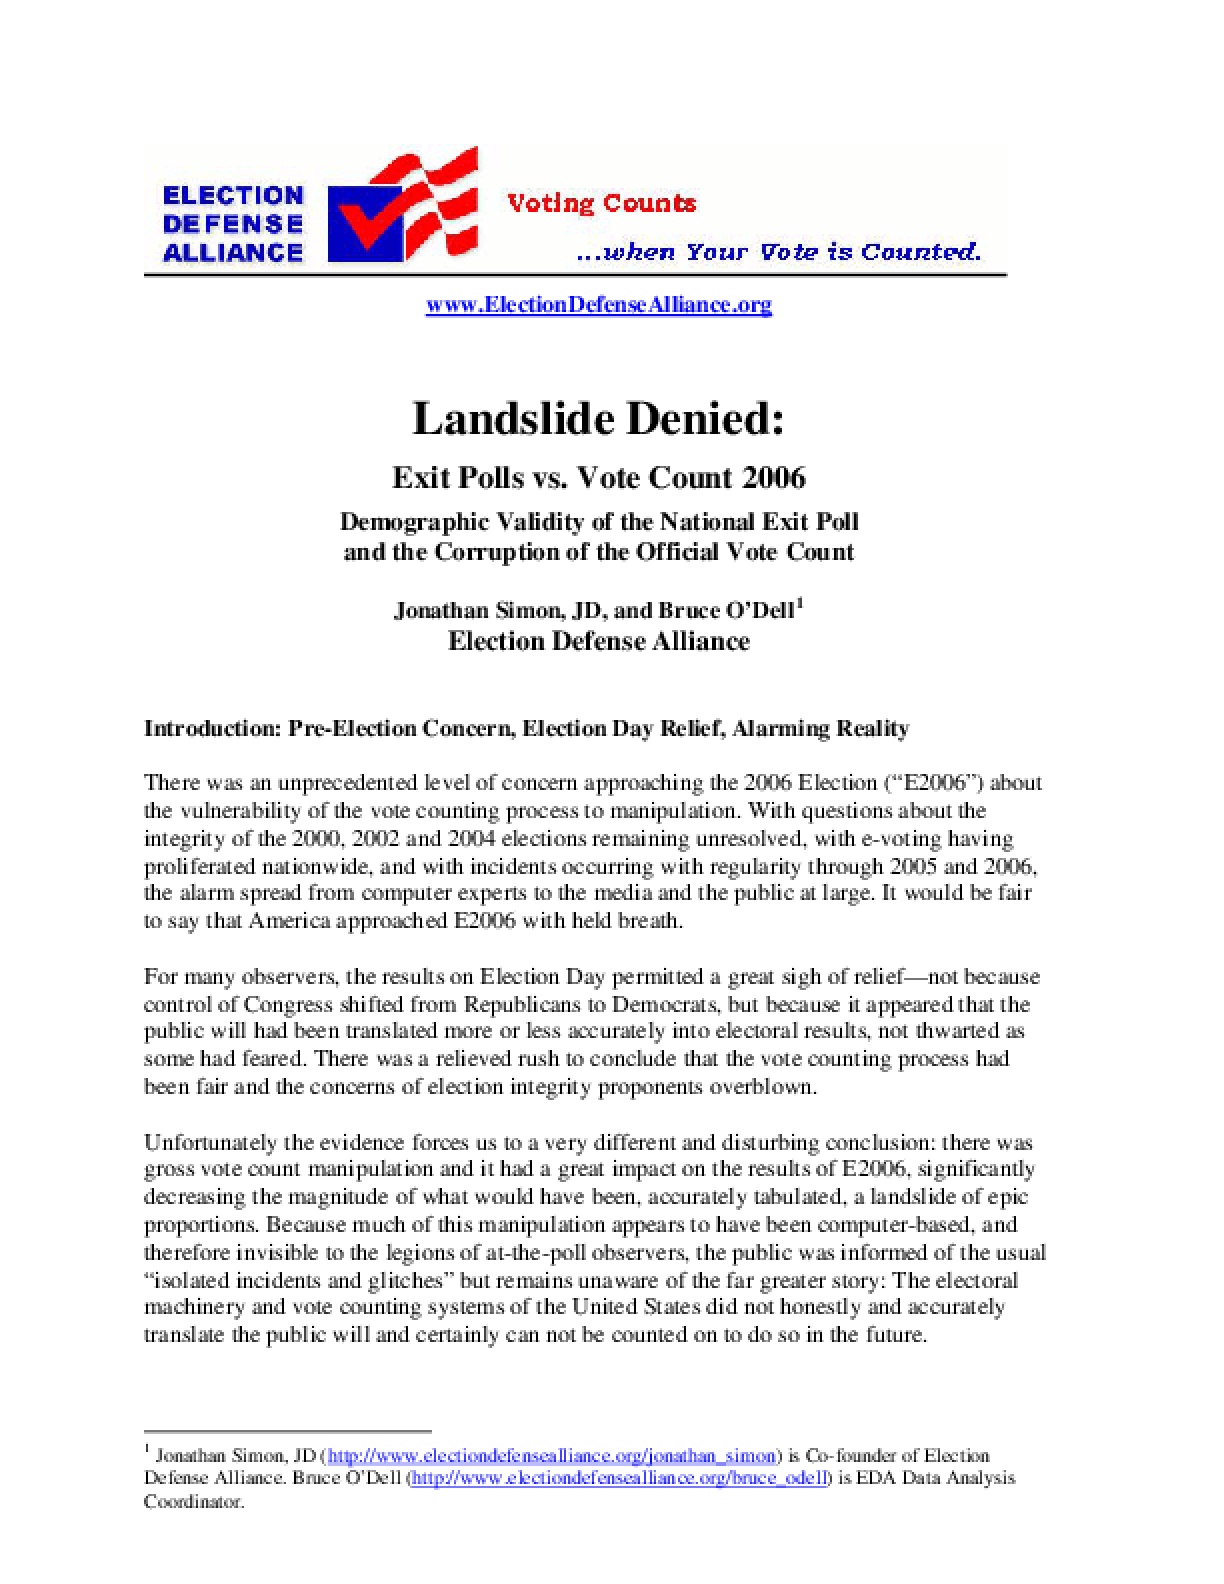 Landslide Denied: Exit Polls vs. Vote Count 2006